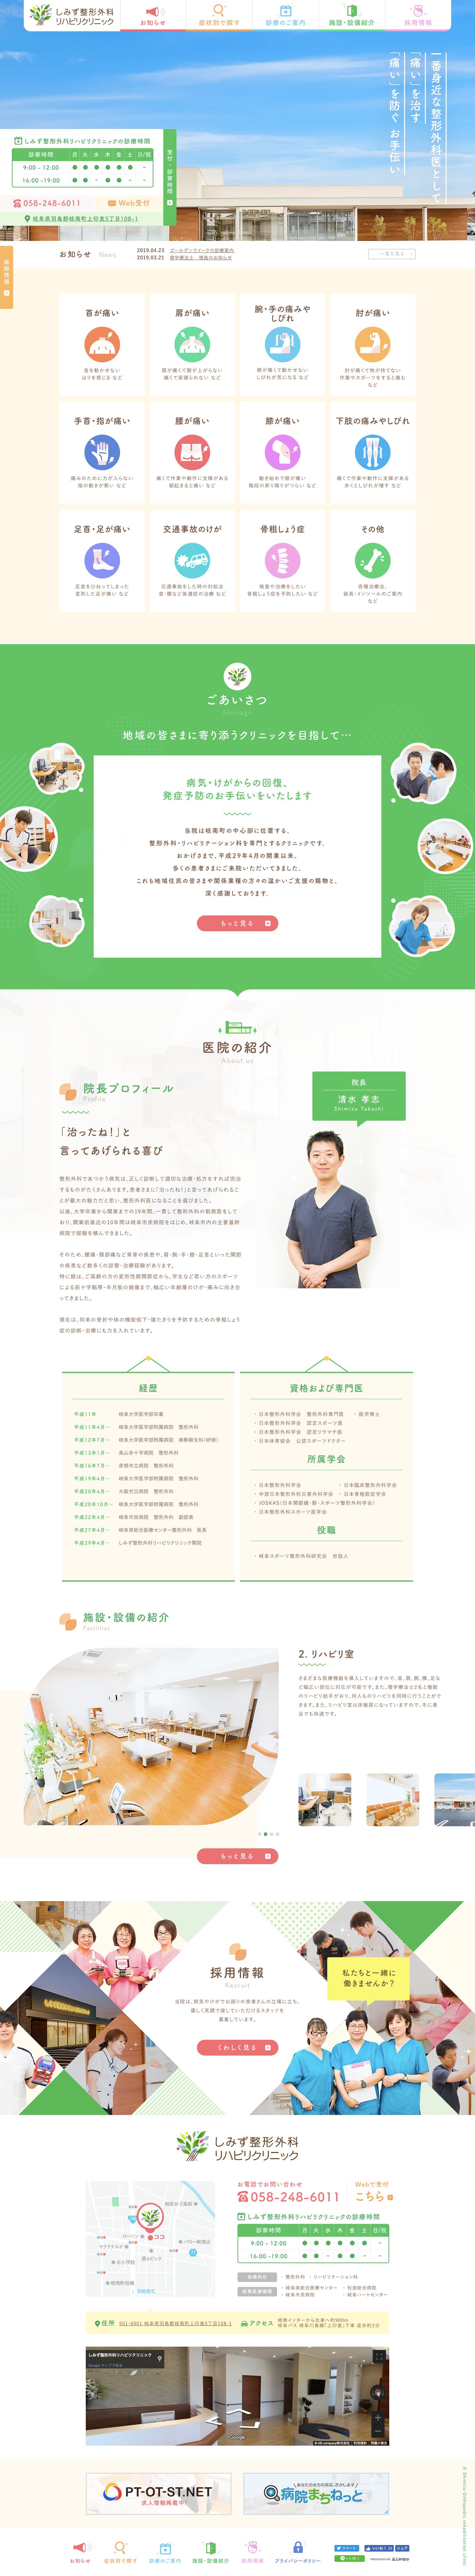 しみず整形外科リハビリクリニック Pc ウェブデザイン 医療デザイン クリニック